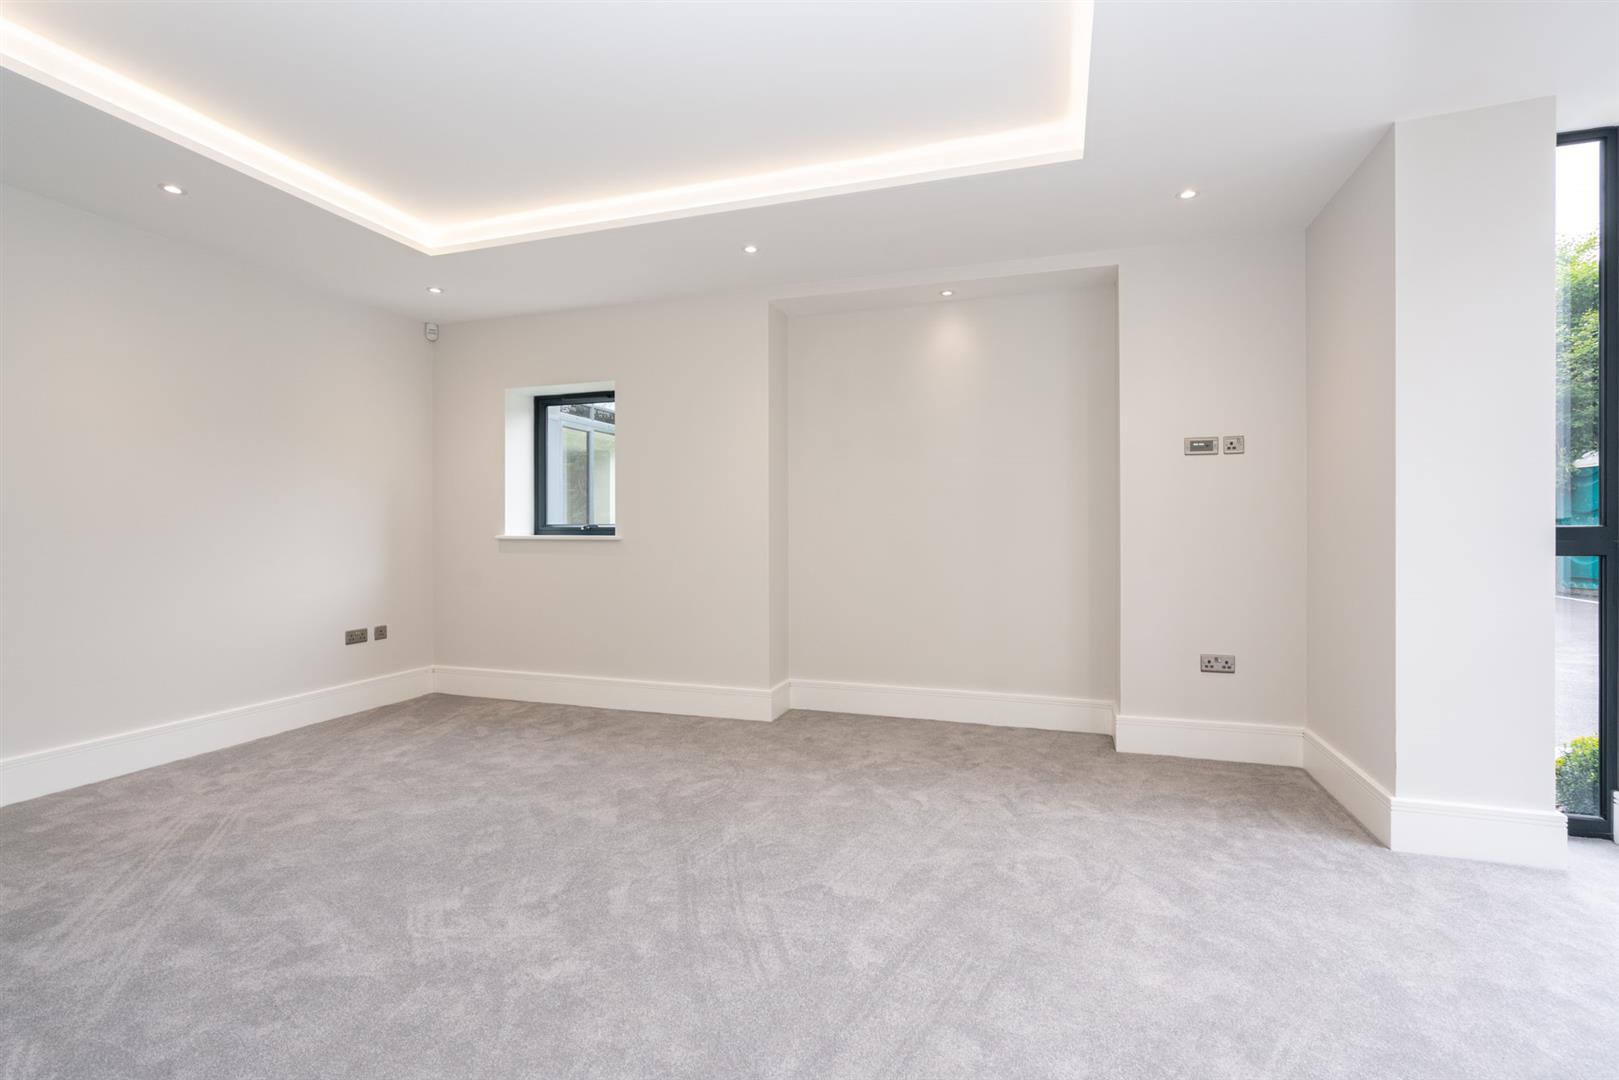 Hillcrest-3126 - living room.jpg